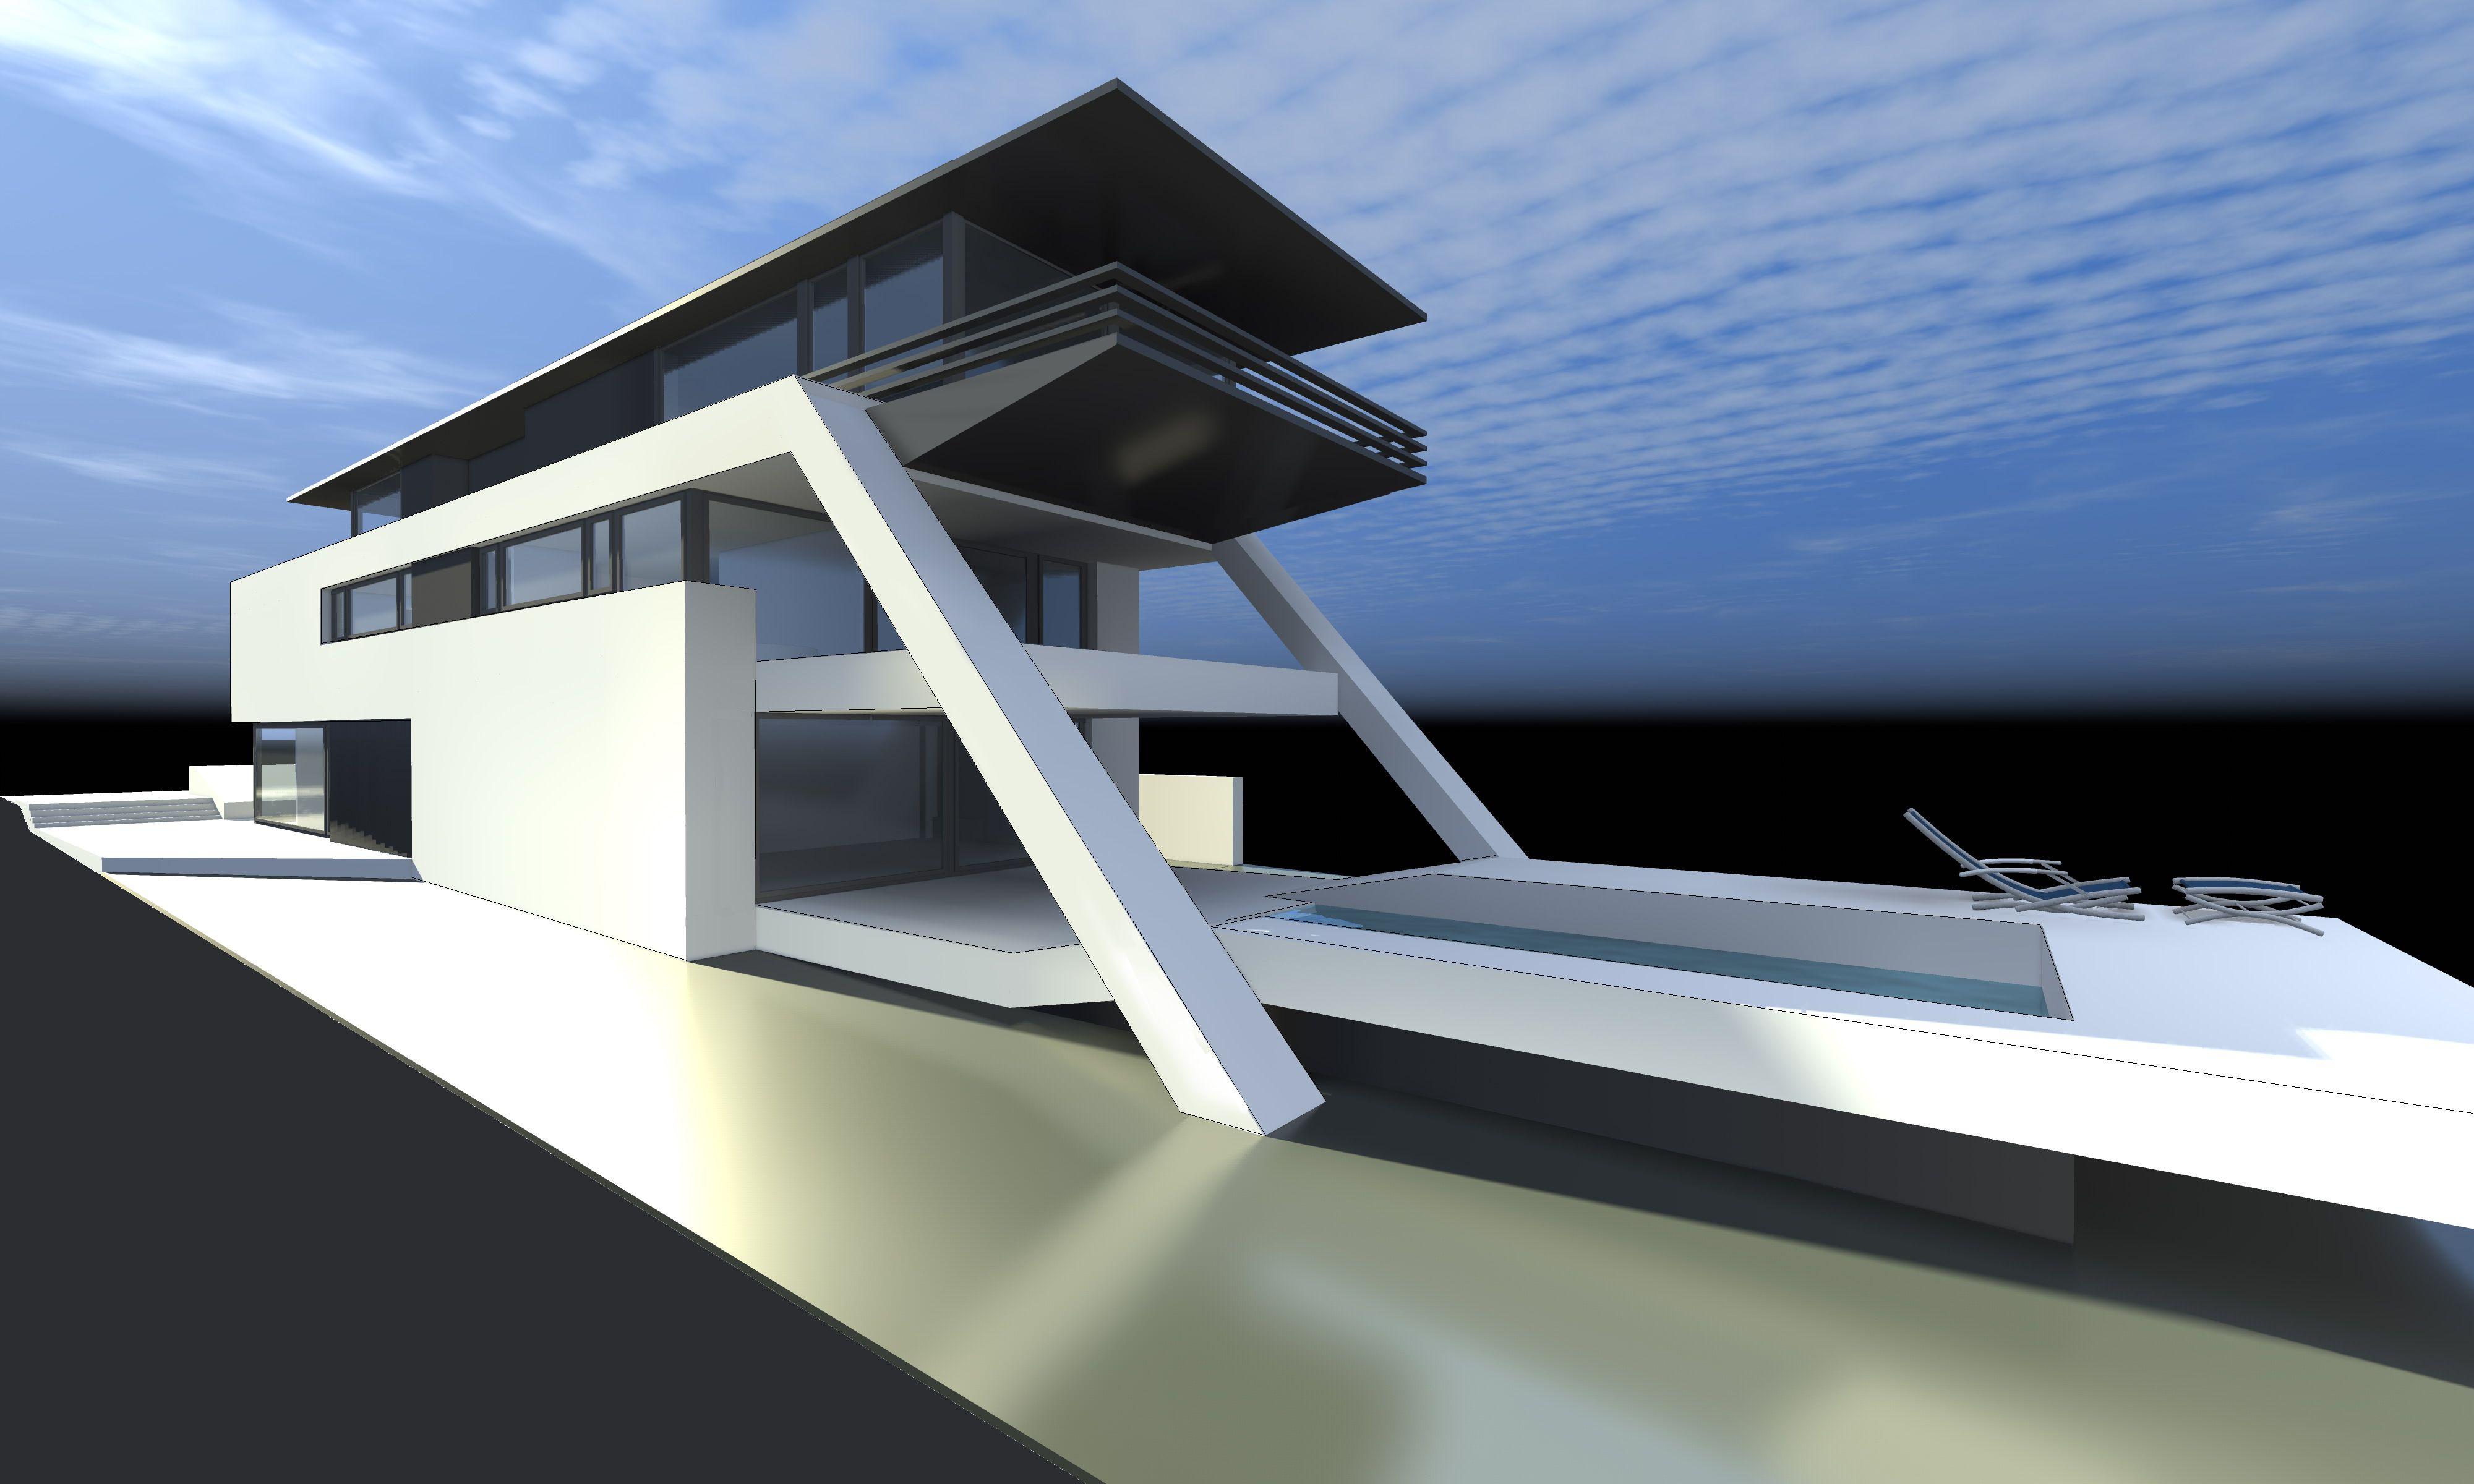 moderne architektur einfamilienhaus schweiz